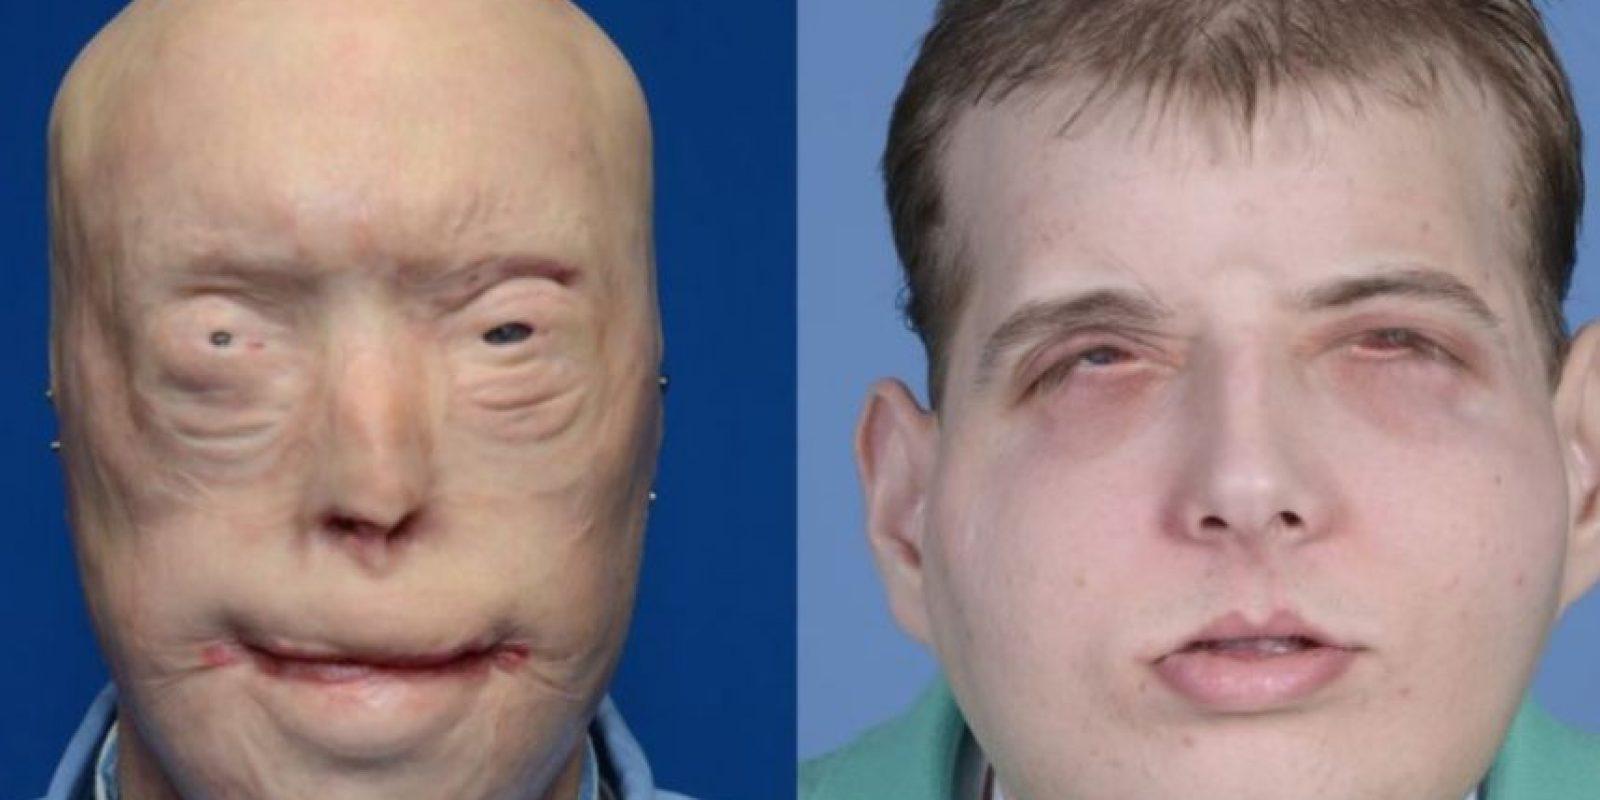 La cirugía de reconstrucción de cara del bombero Patrick Hardison, de 41 años, duró 26 horas y estuvo a cargo del doctor Eduardo Rodríguez. Foto:AFP